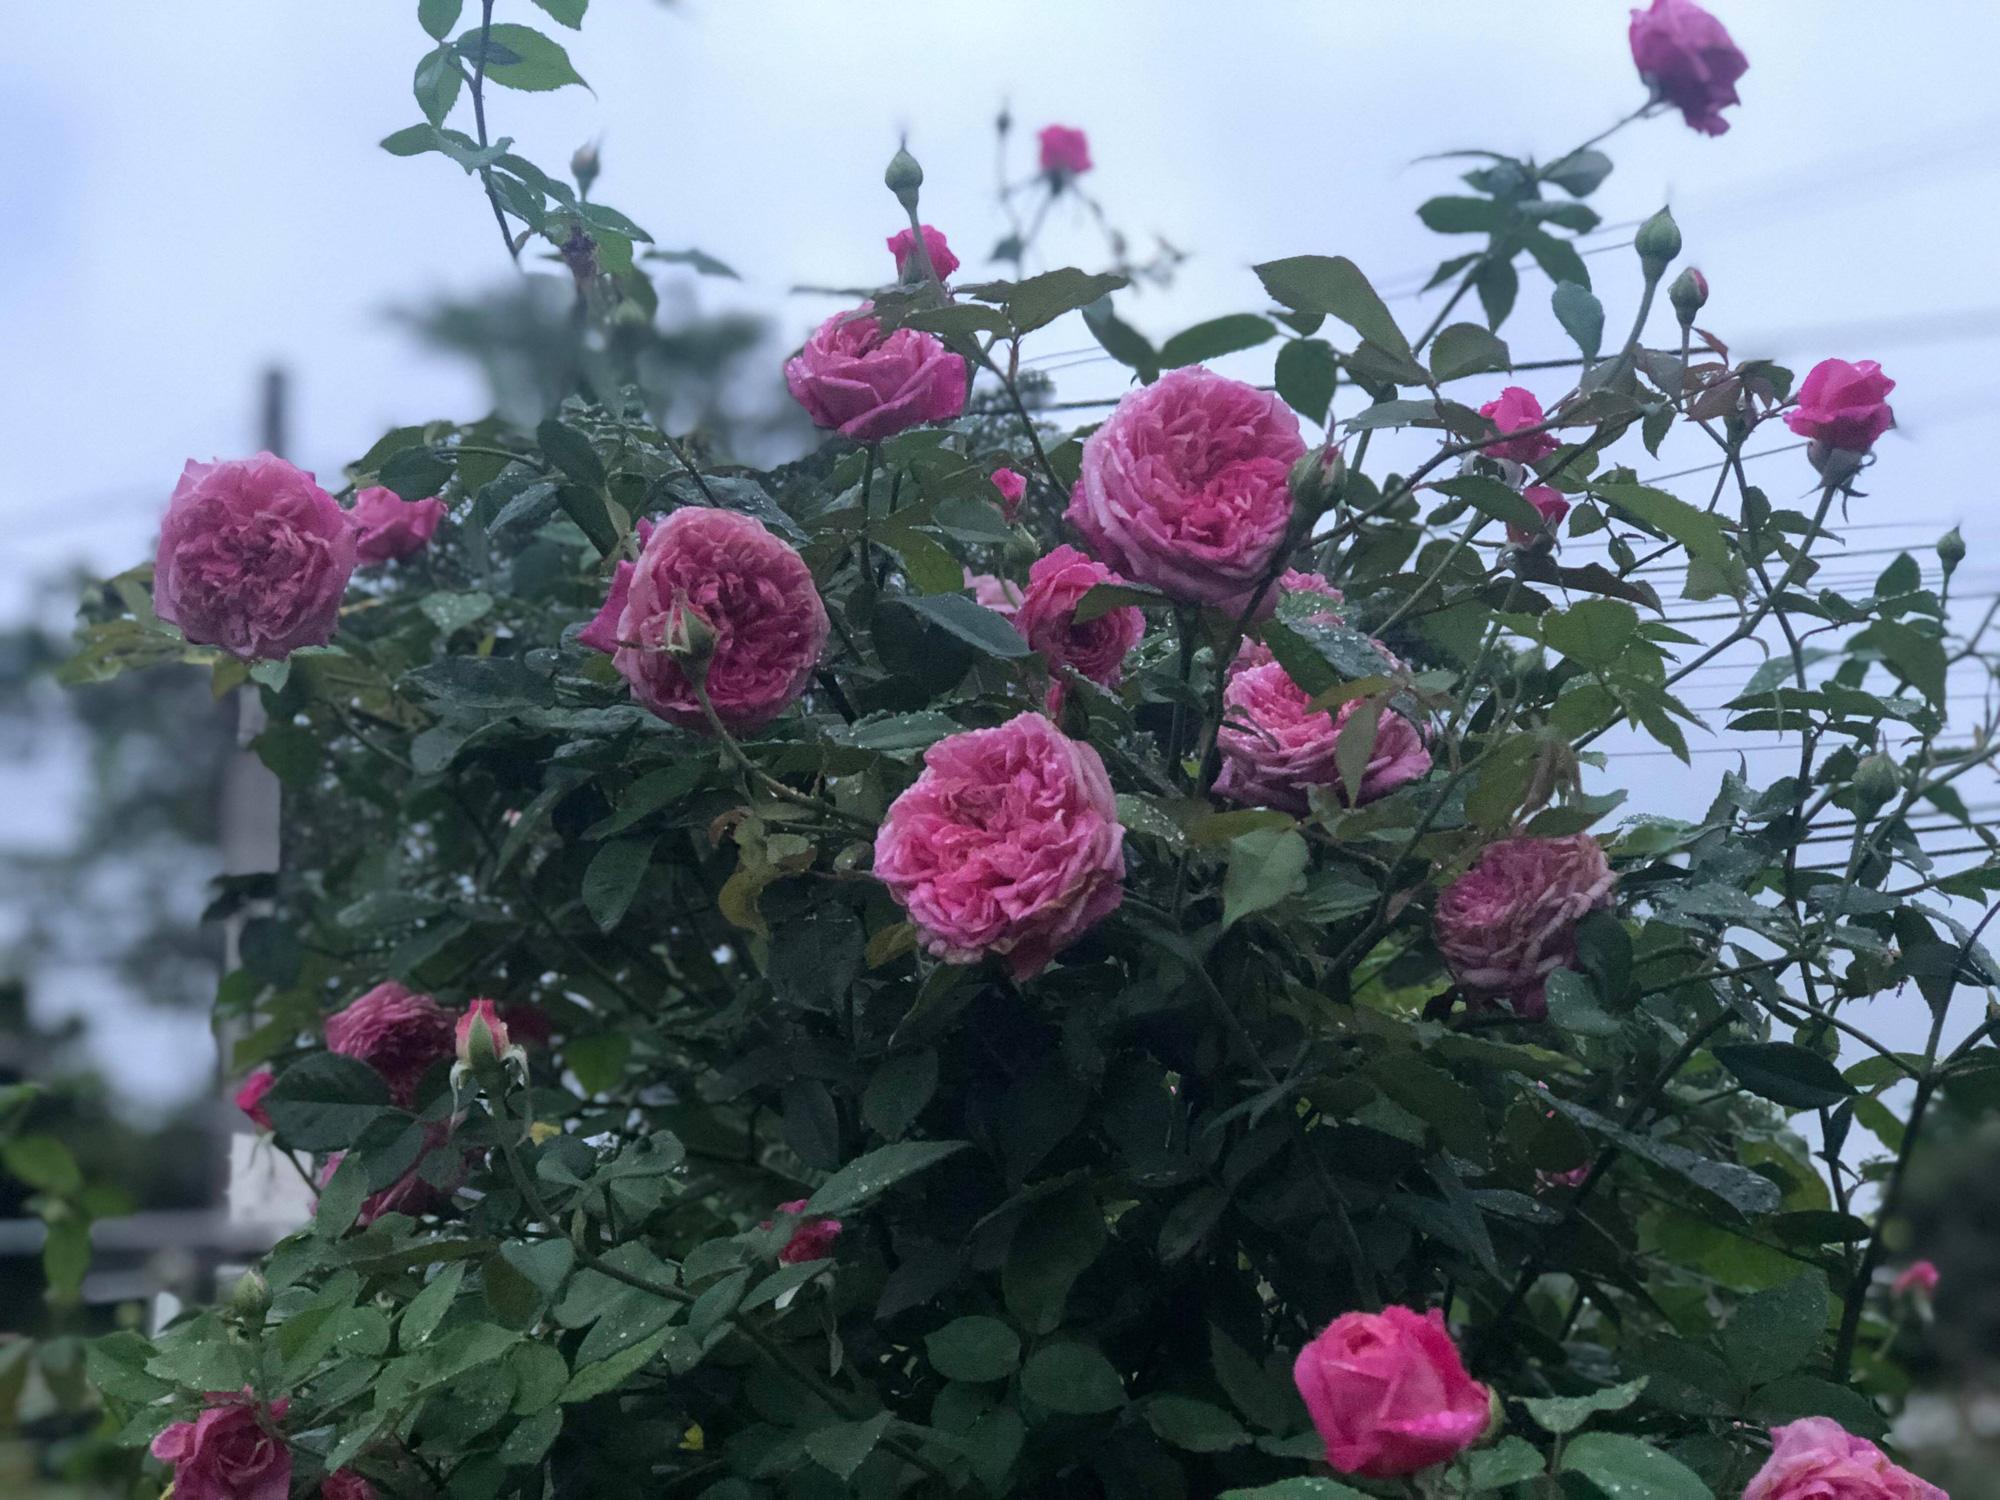 Vườn hồng 400 loài đẹp ngẩn ngơ của kỹ sư bỏ phố về núi - Ảnh 3.